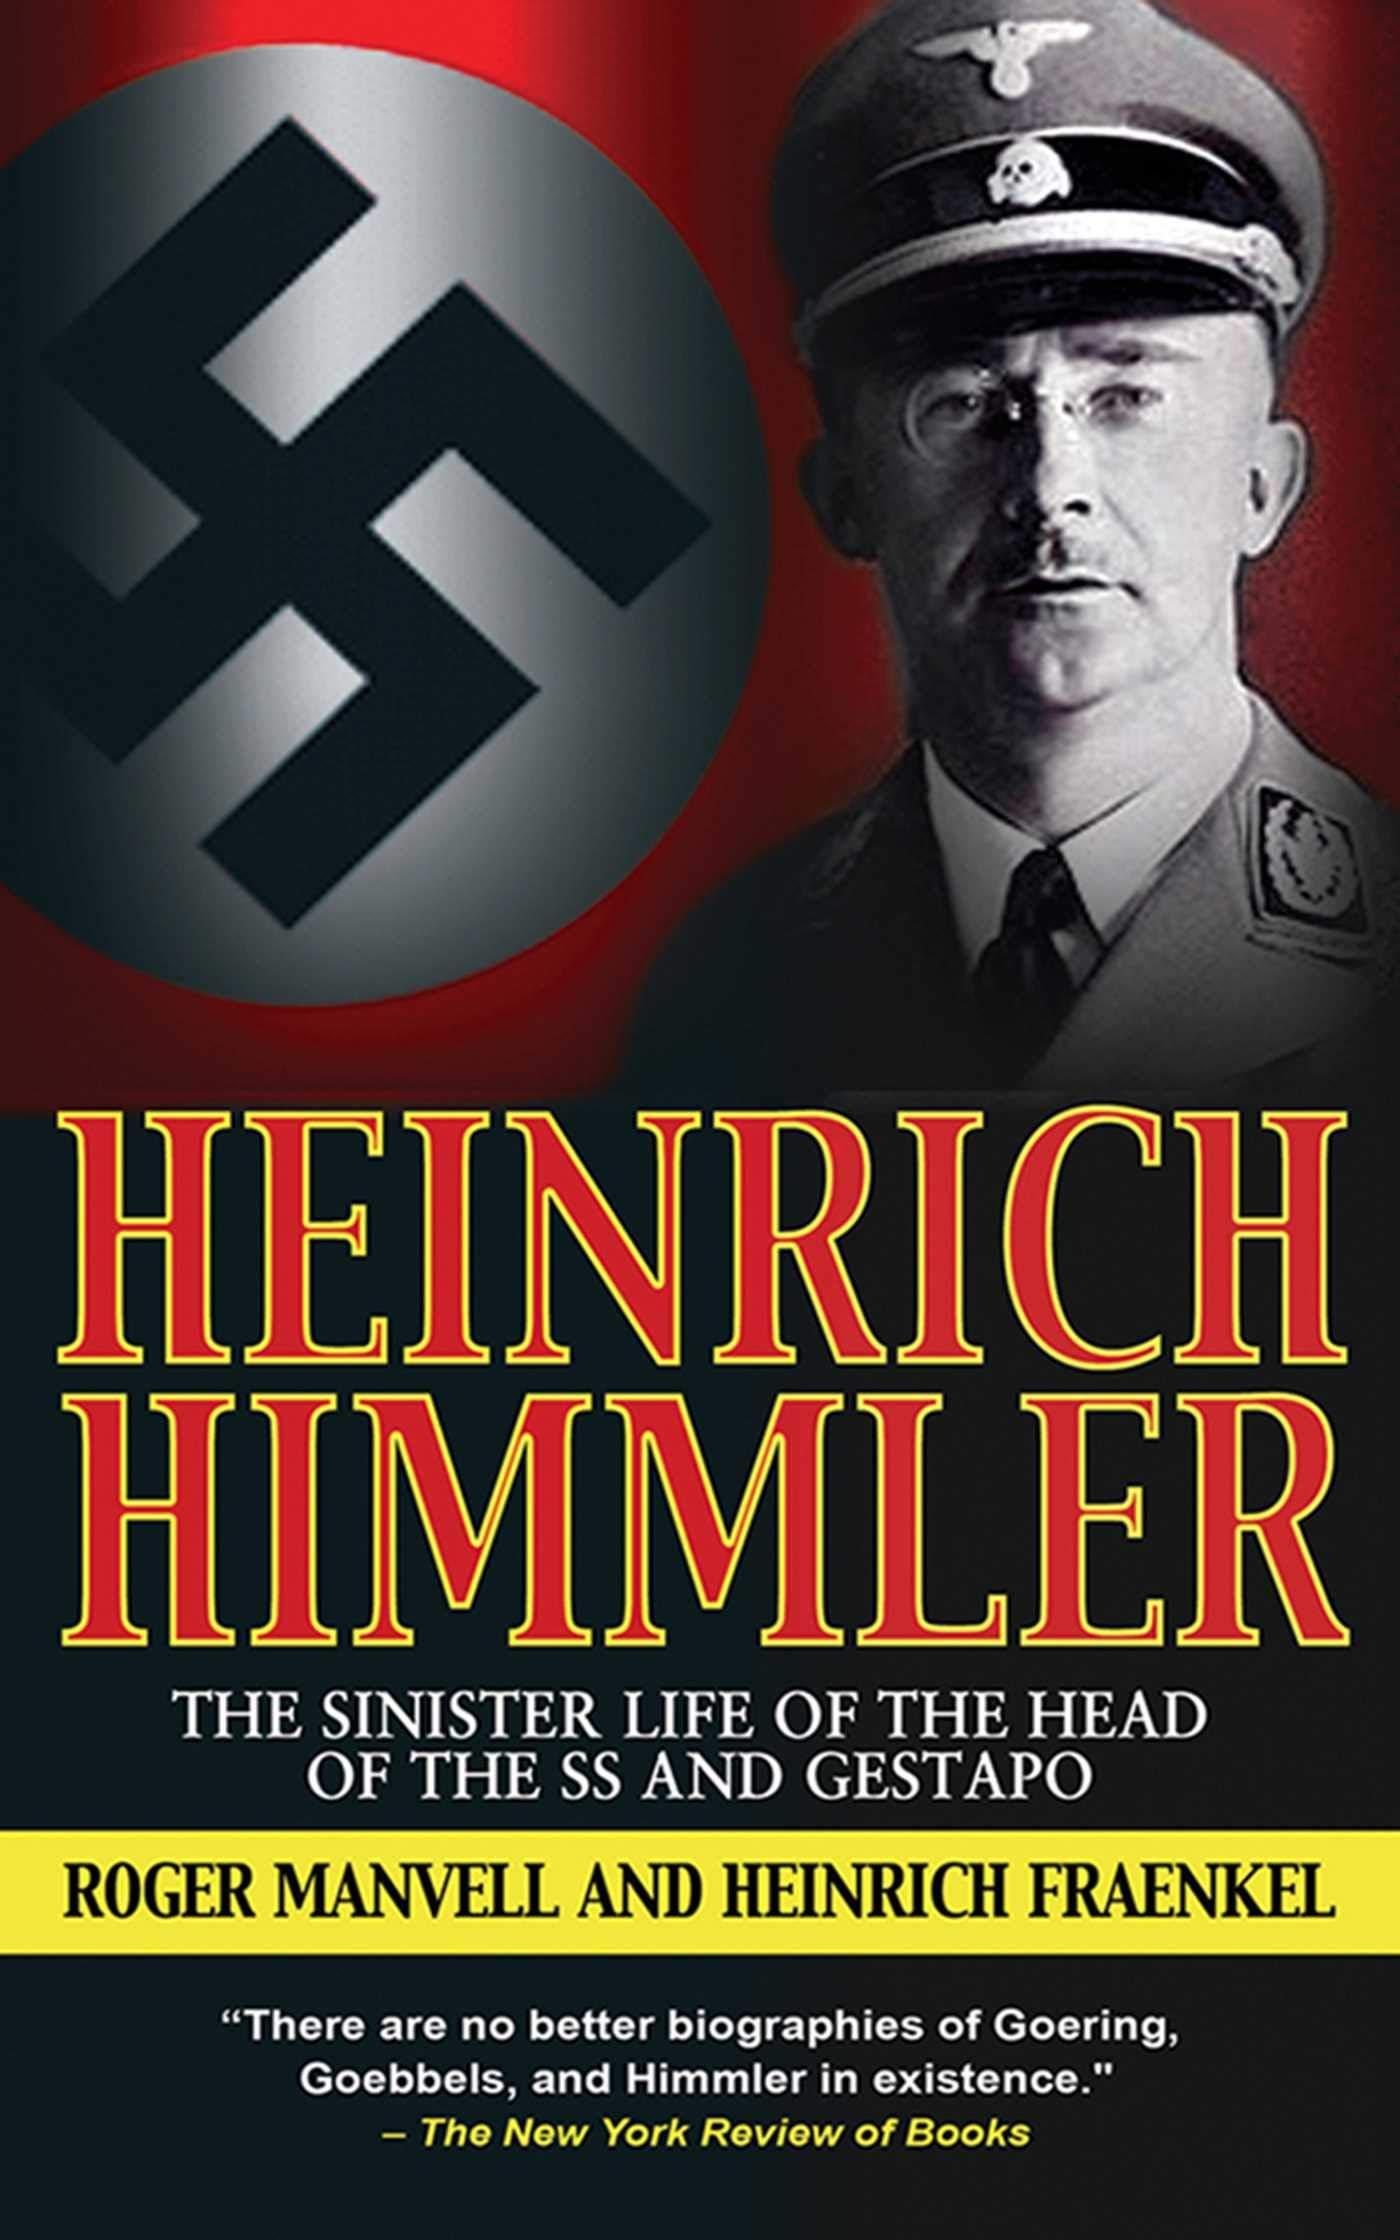 GRATUIT THE DECENT HIMMLER ONE TÉLÉCHARGER HEINRICH